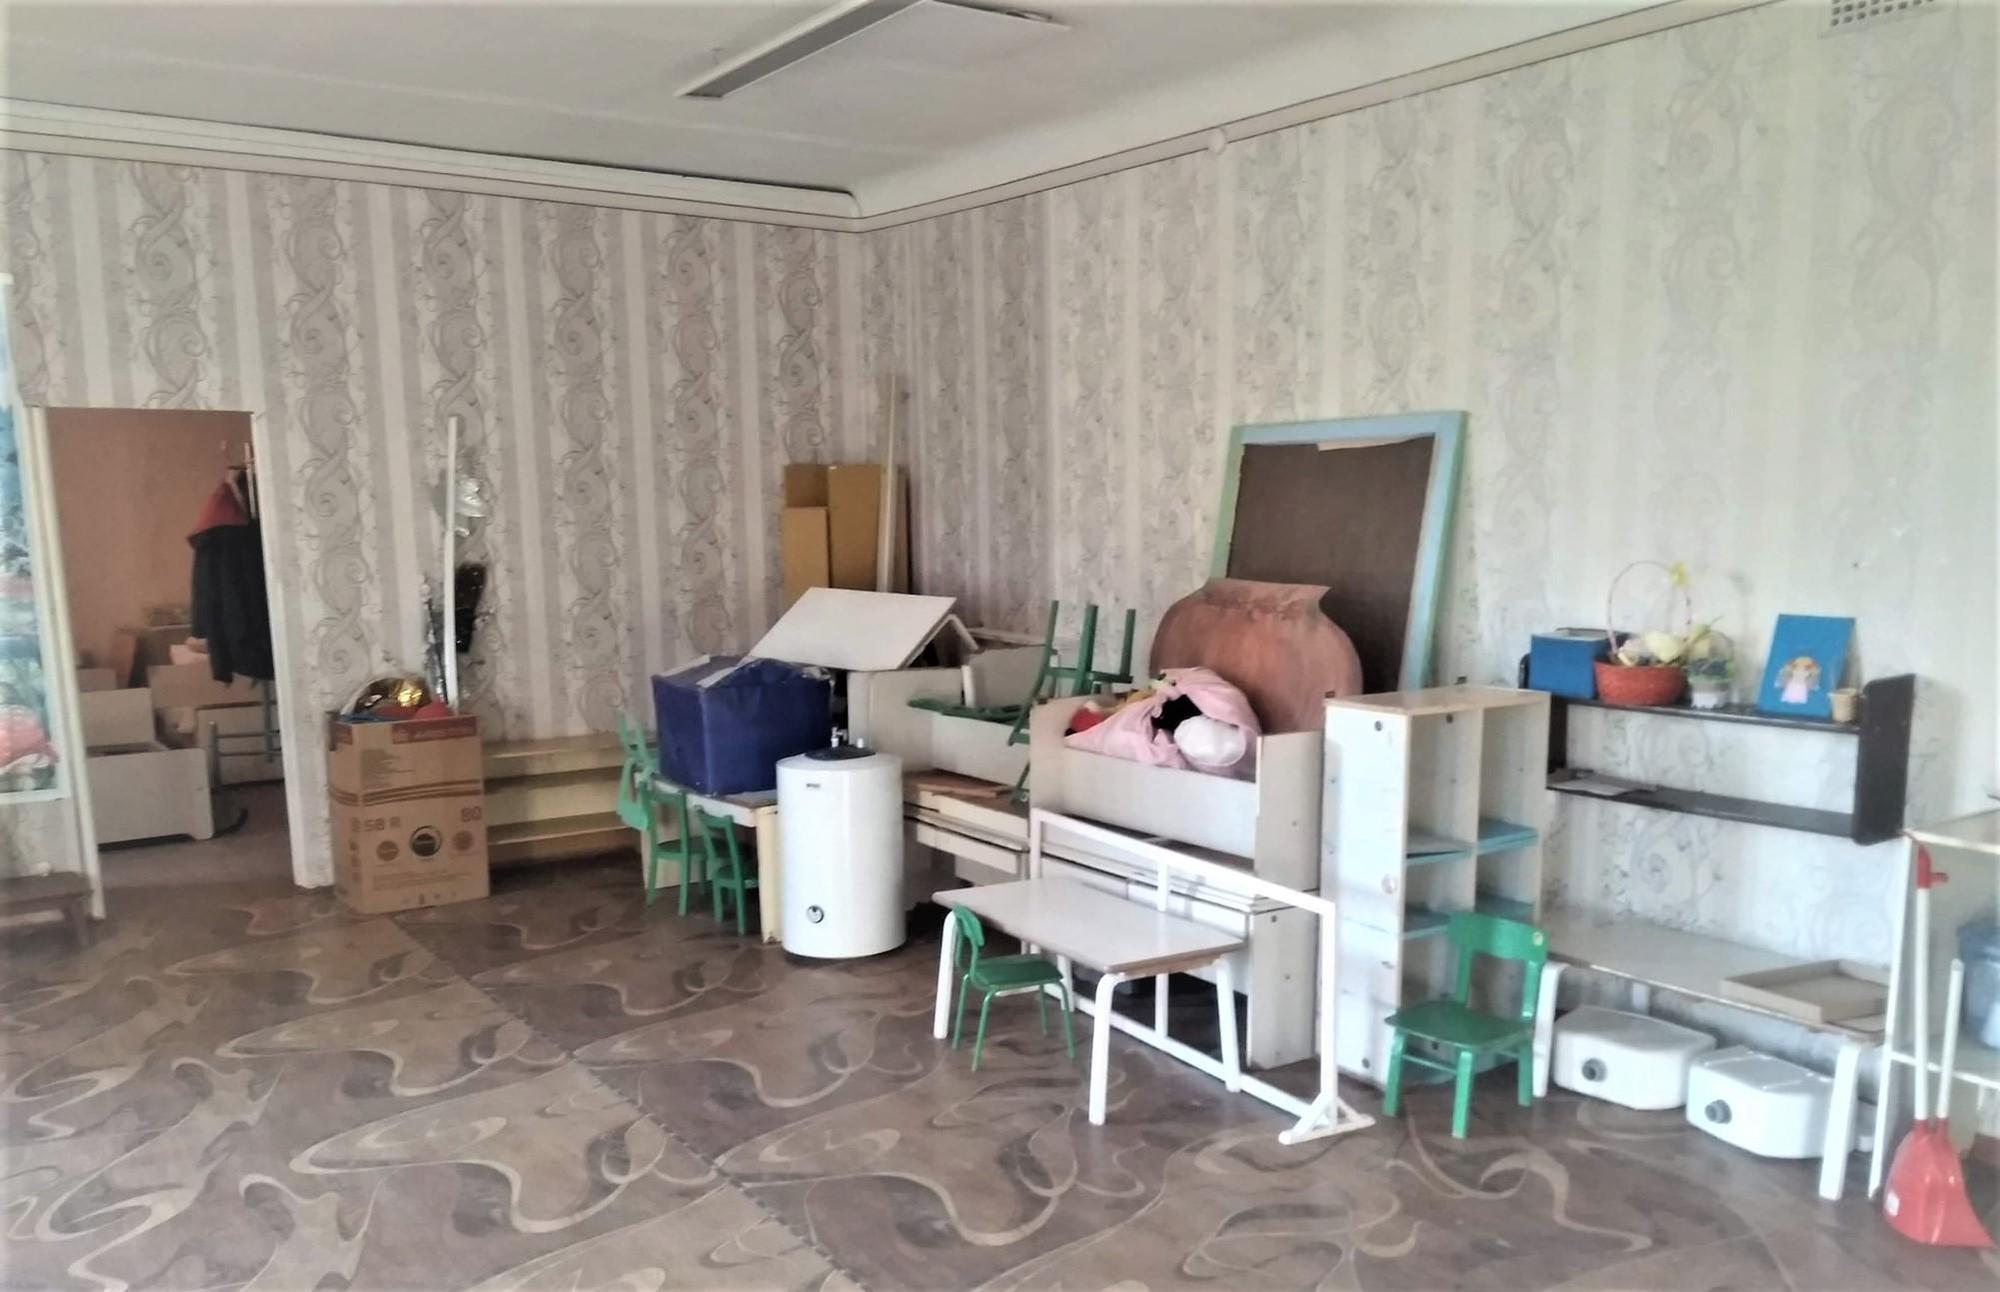 сіверський дитсадок Світлячок ремонт кімната без дітей